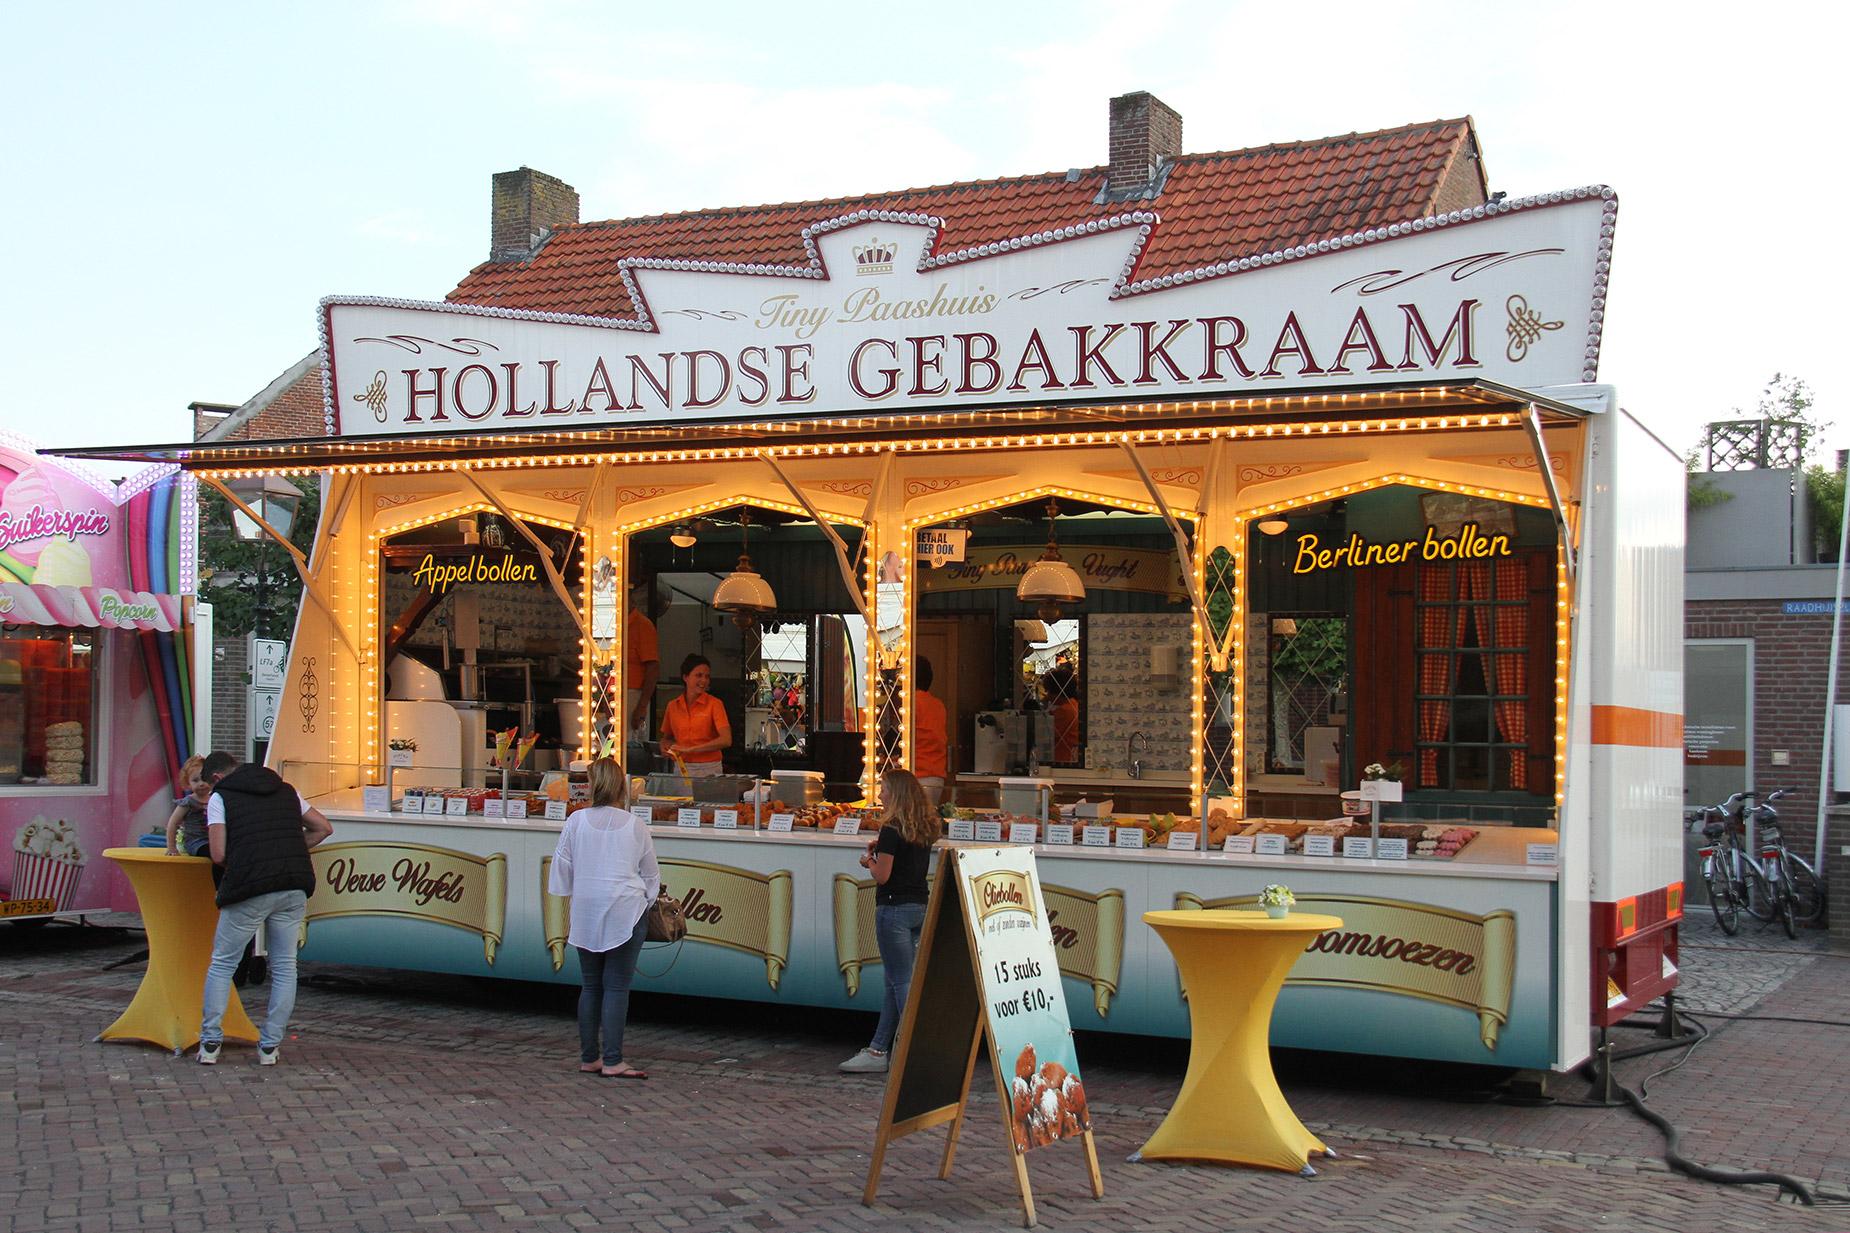 Hollandse Gebakkraam